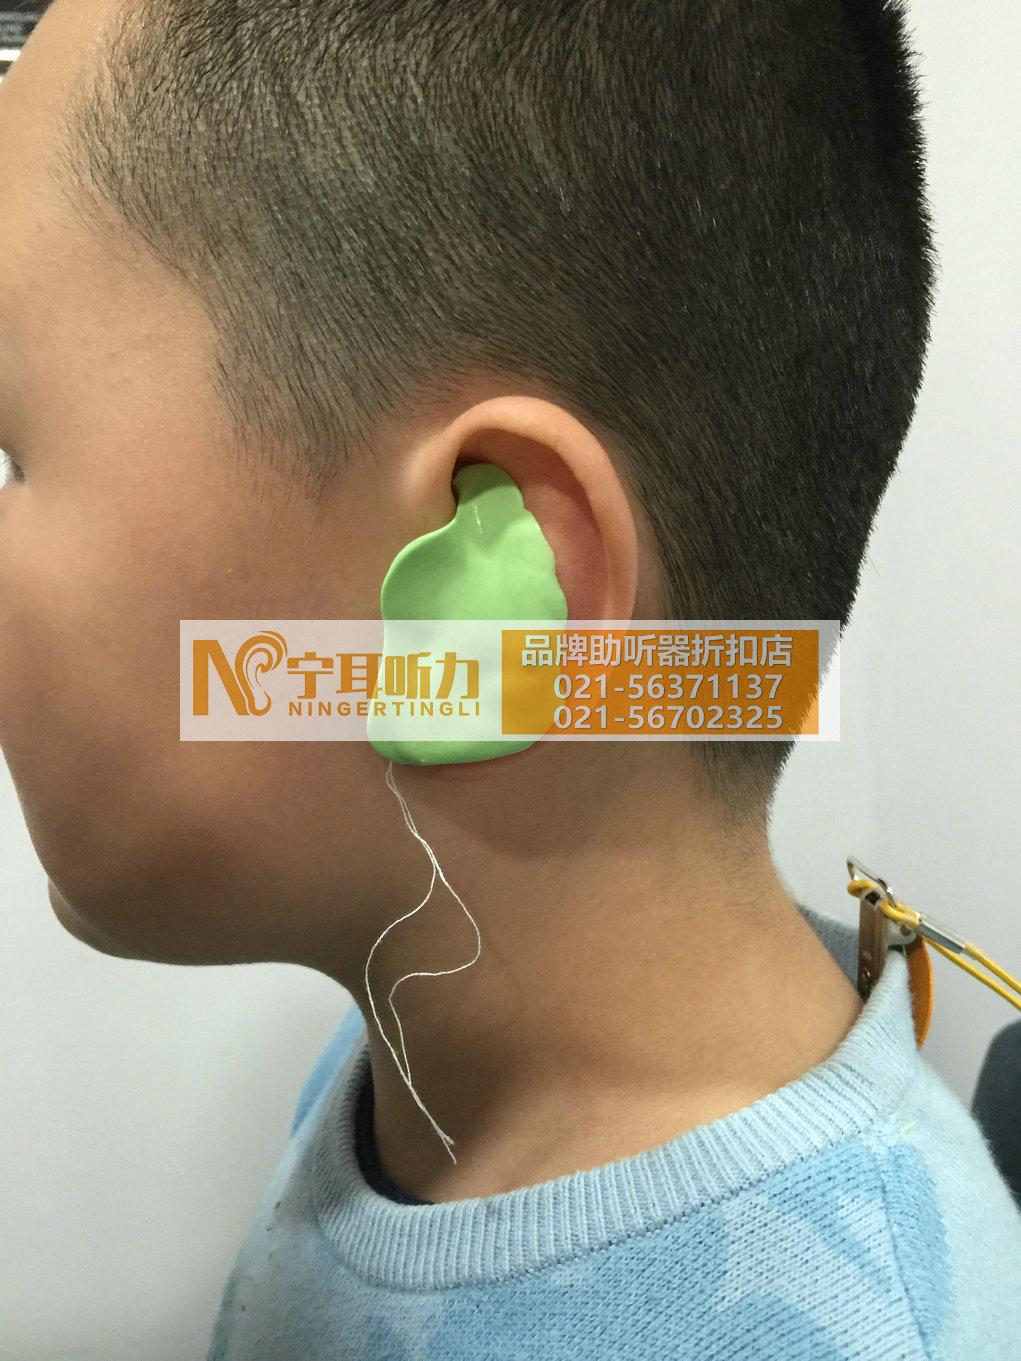 上海奉贤儿童助听器多少钱